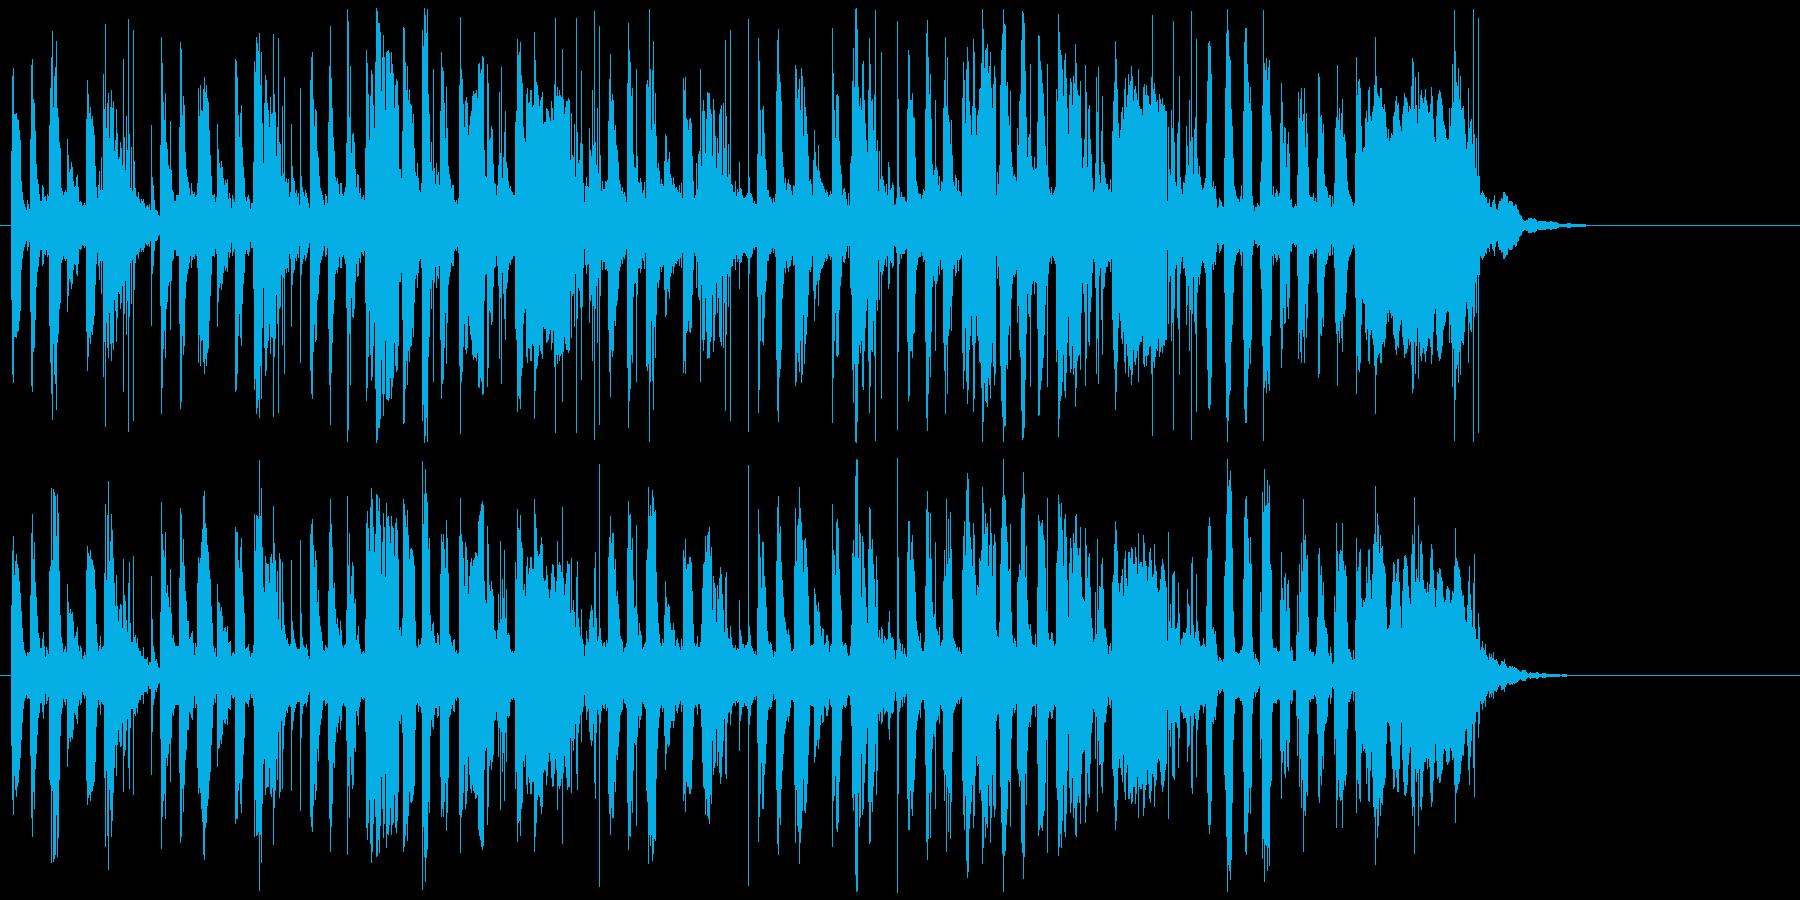 ほのぼの楽しいジングル 口笛で明るく陽気の再生済みの波形